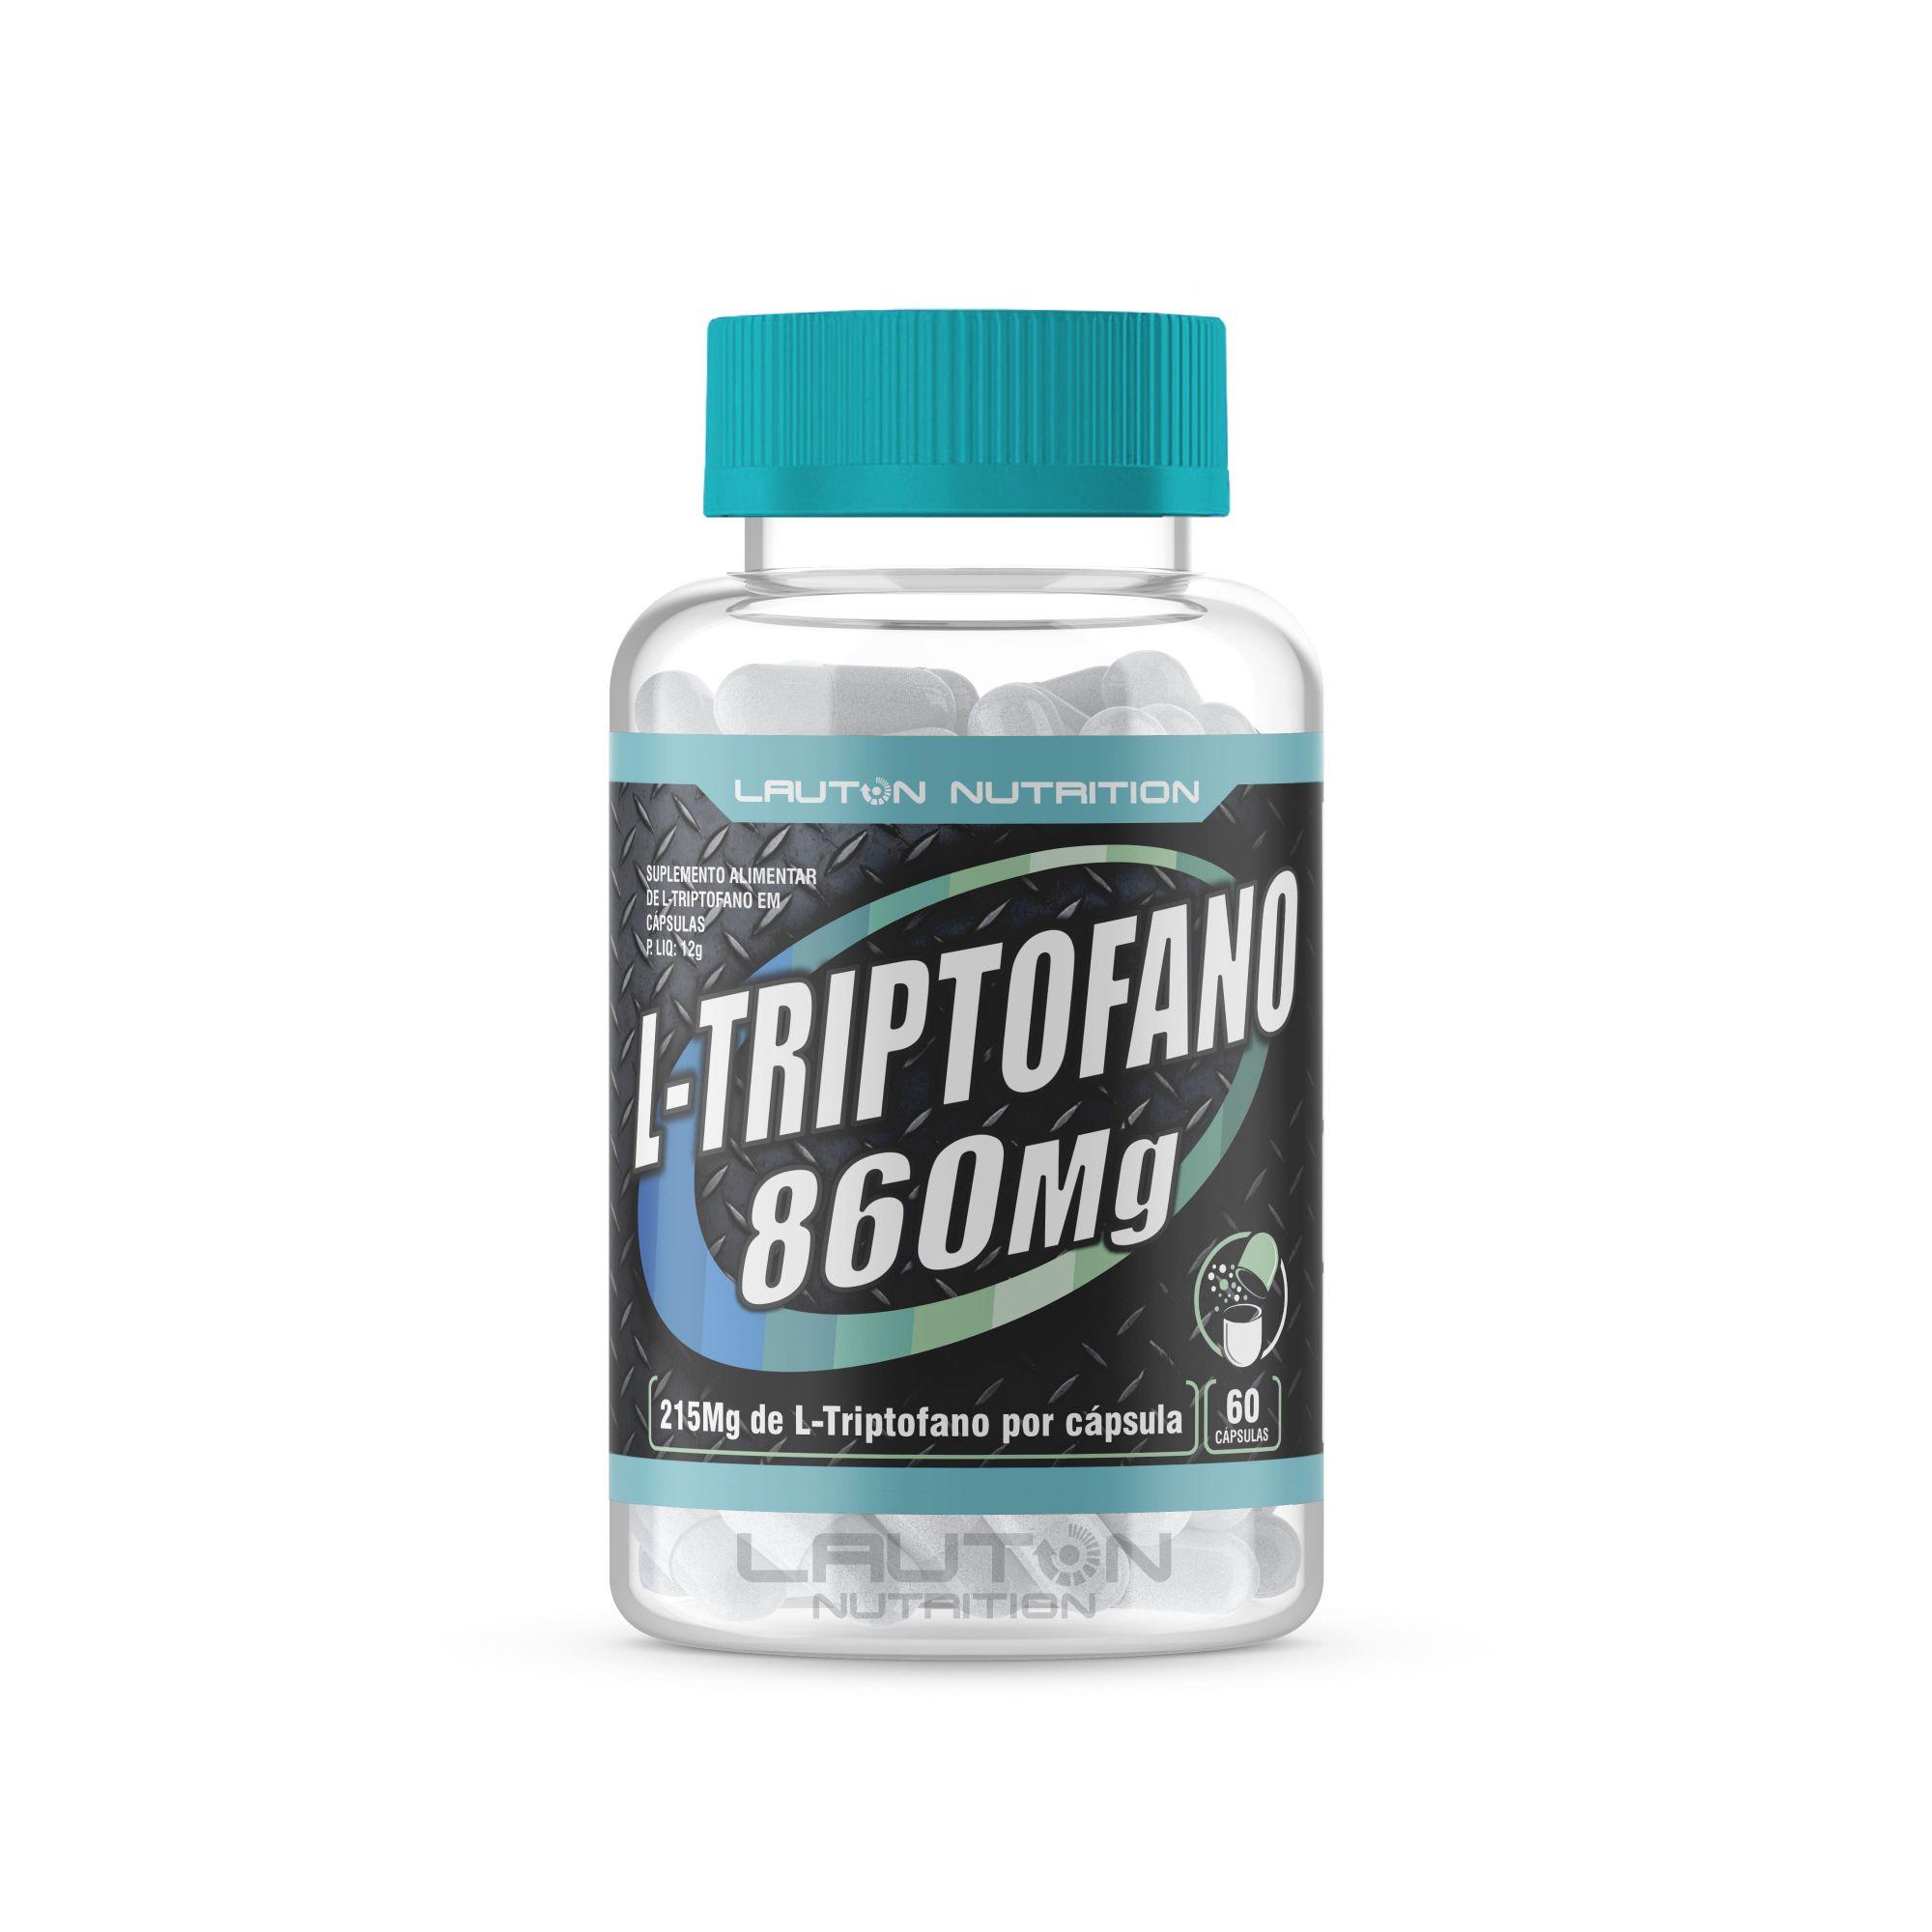 L-triptofano 120 cápsulas Lauton Nutrition